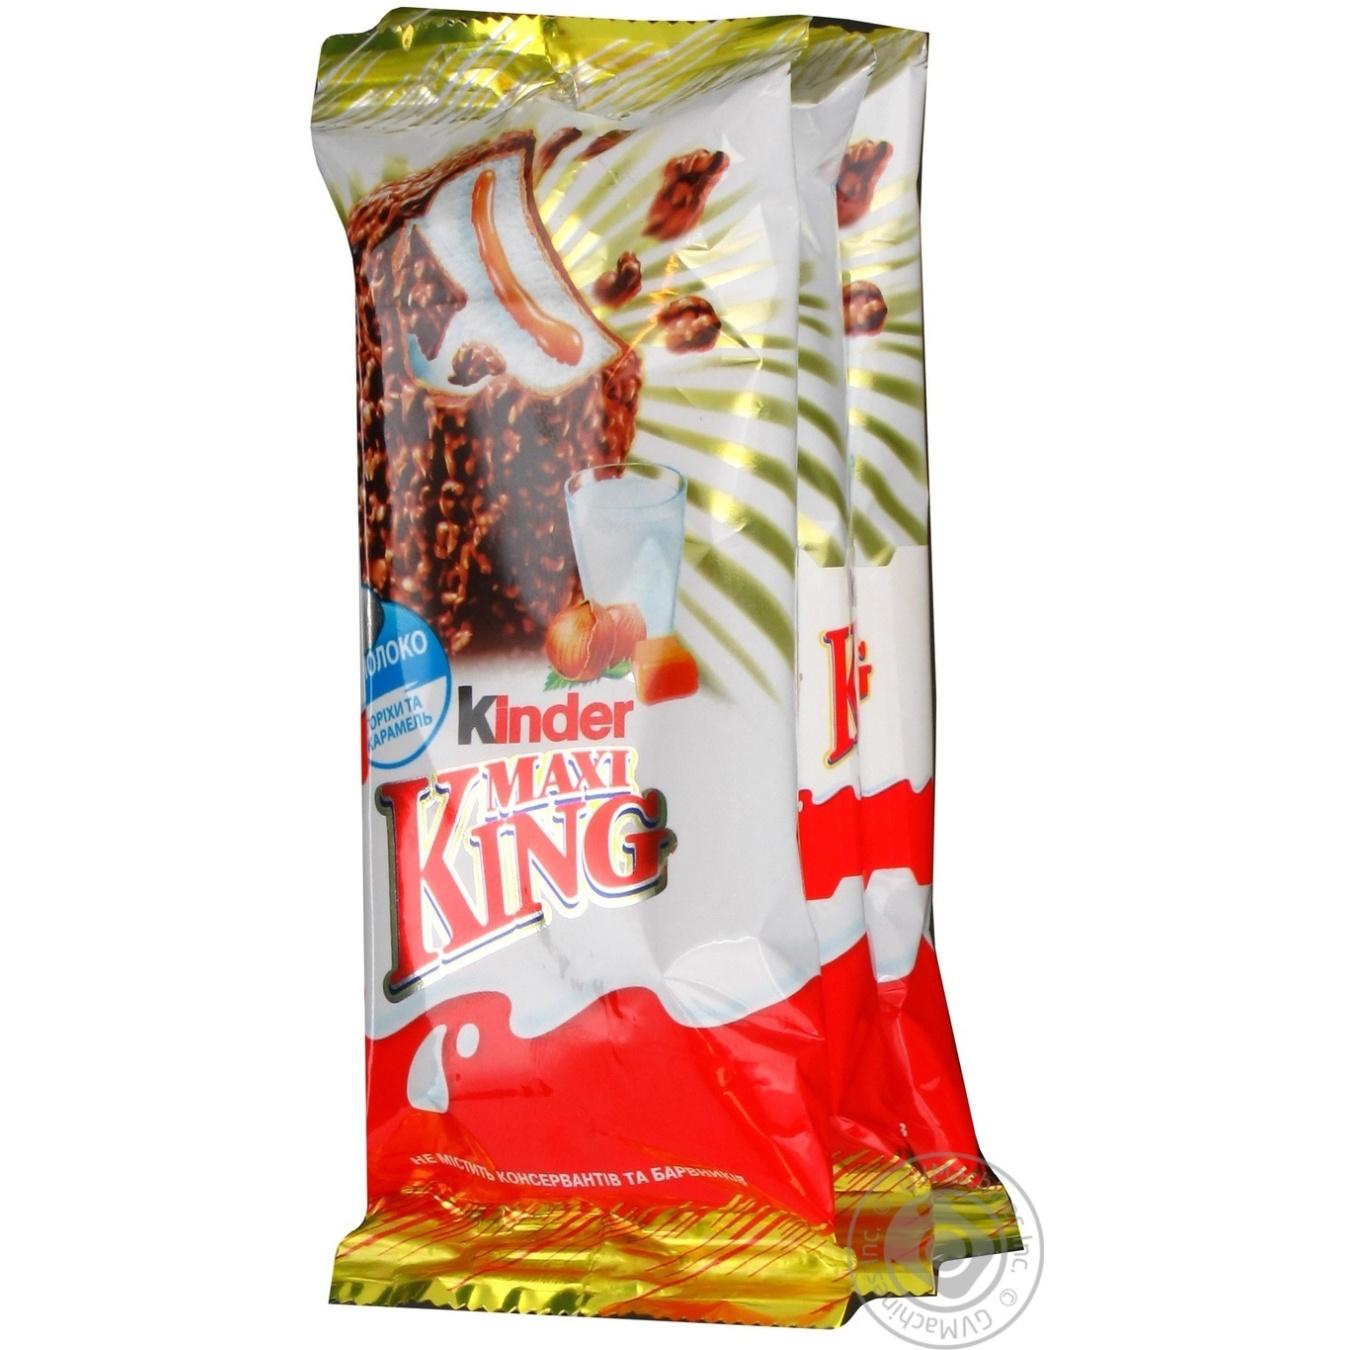 Вафли Киндер Макси Кинг с молочно-карамельной начинкой в молочном шоколаде с лесными орехами 3х35г